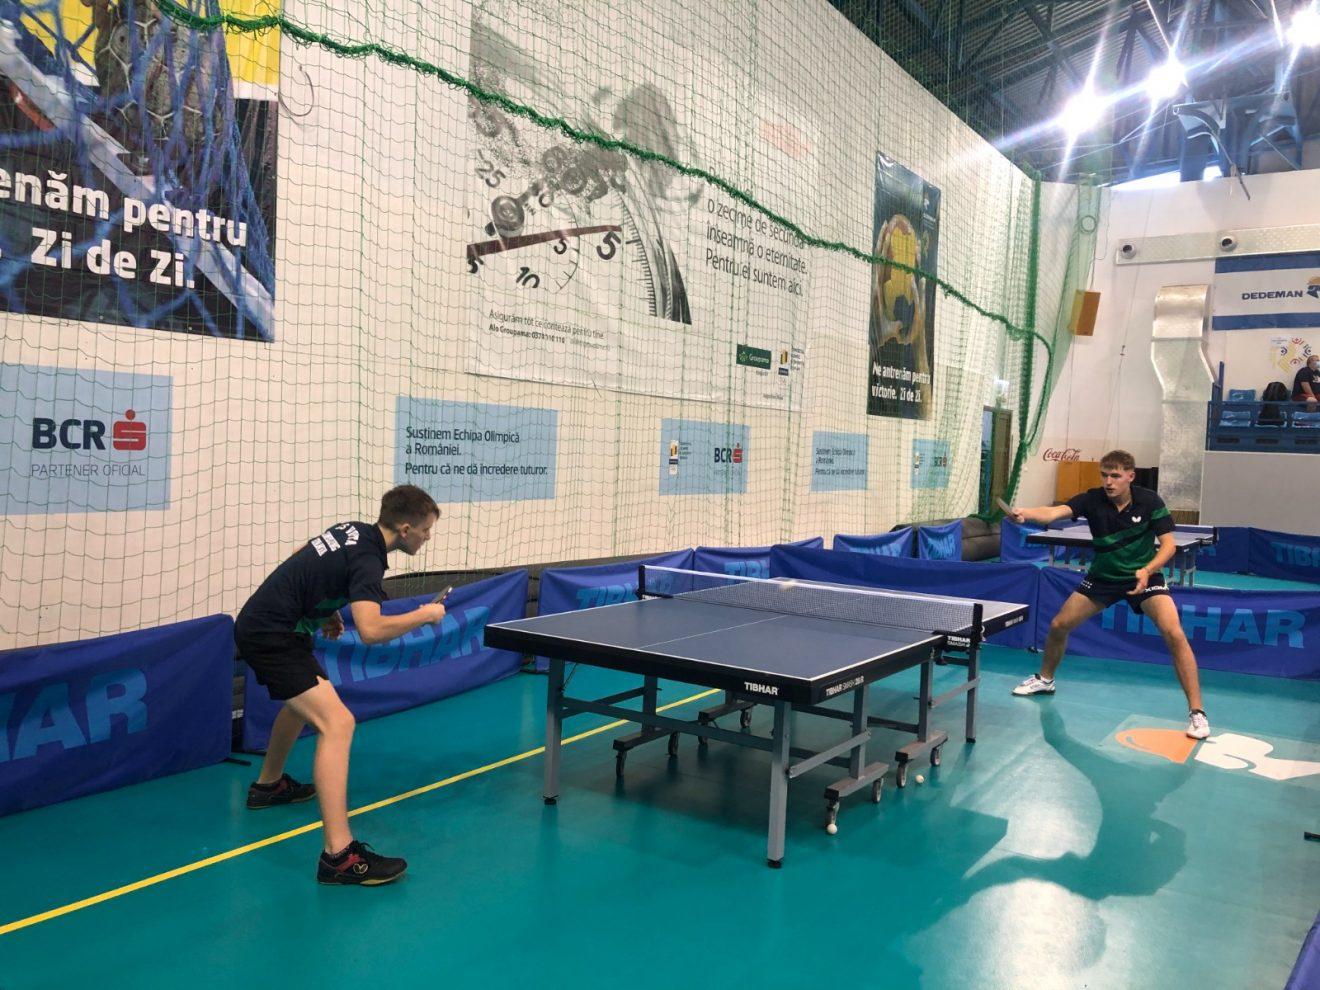 Din dragoste pentru sport, doi frați moldoveni s-au mutat la noi. Câștigă medalie după medalie pentru România!